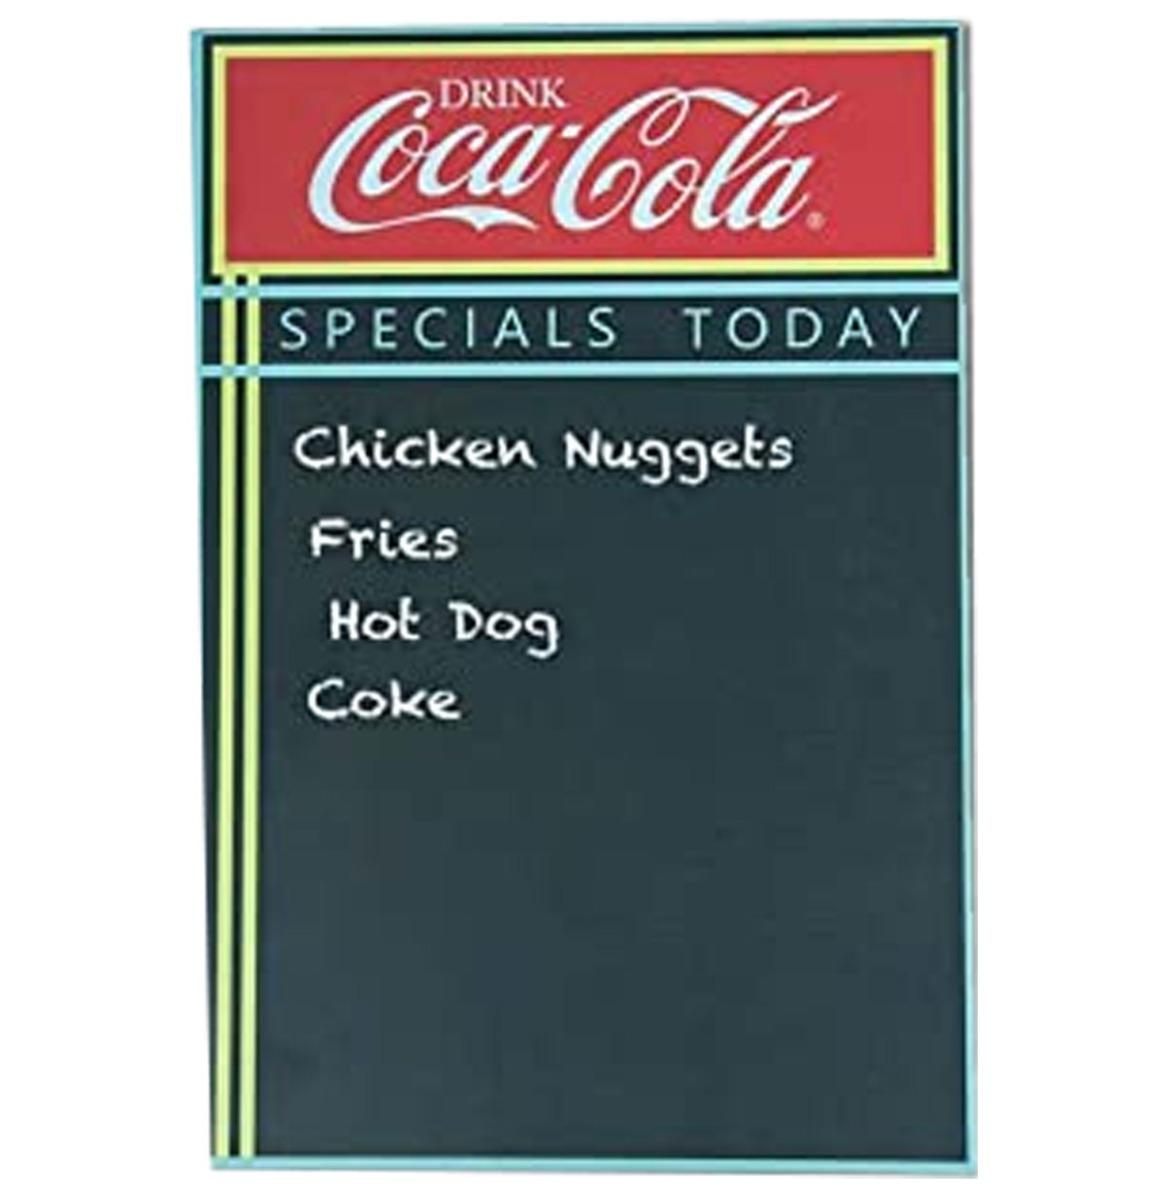 Coca-Cola Specials Today Krijtbord Menu